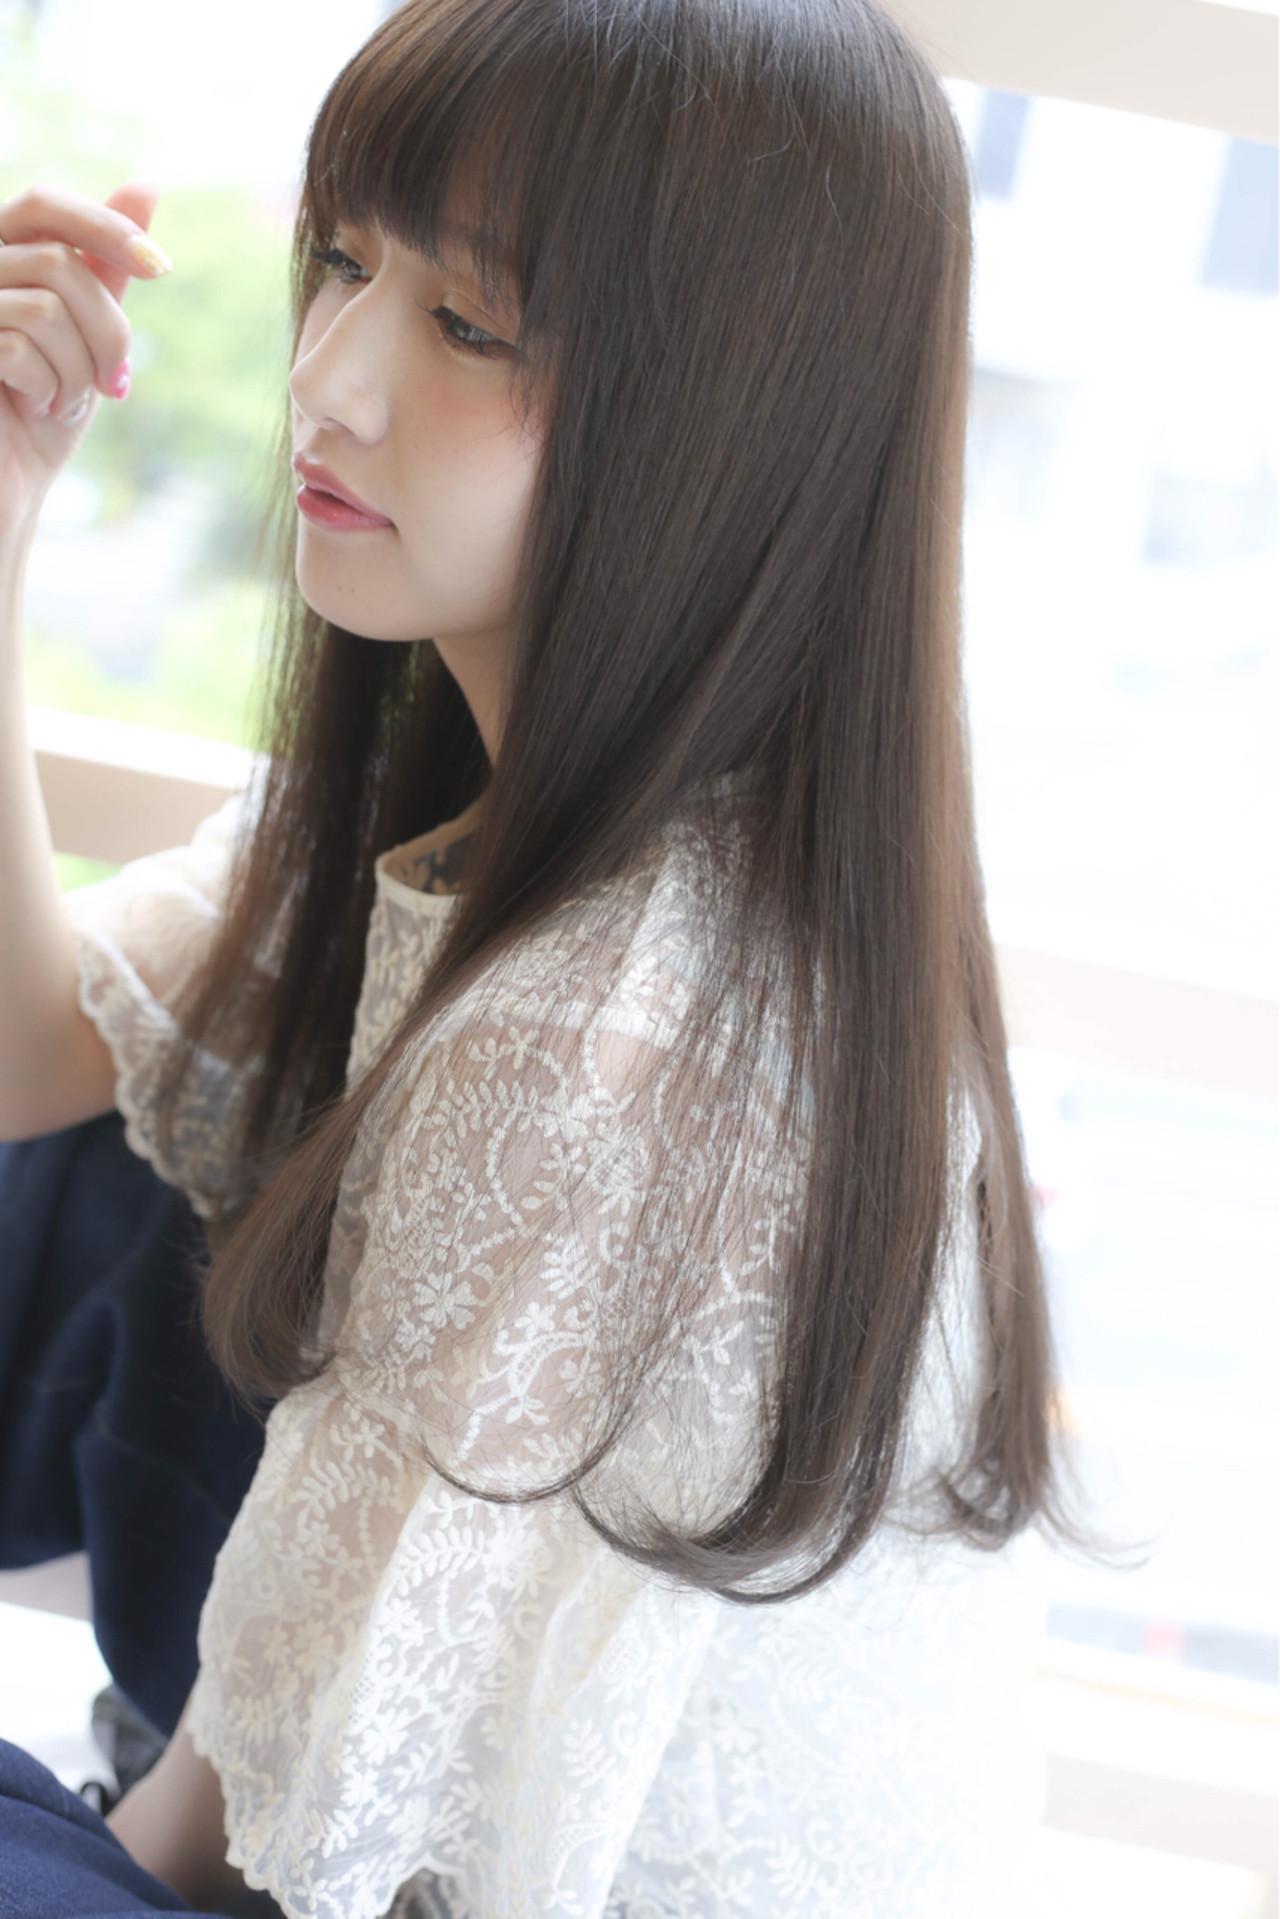 さらツヤ髪の秘密はヘアブラシ?「タングルティーザー」をご紹介♡の10枚目の画像